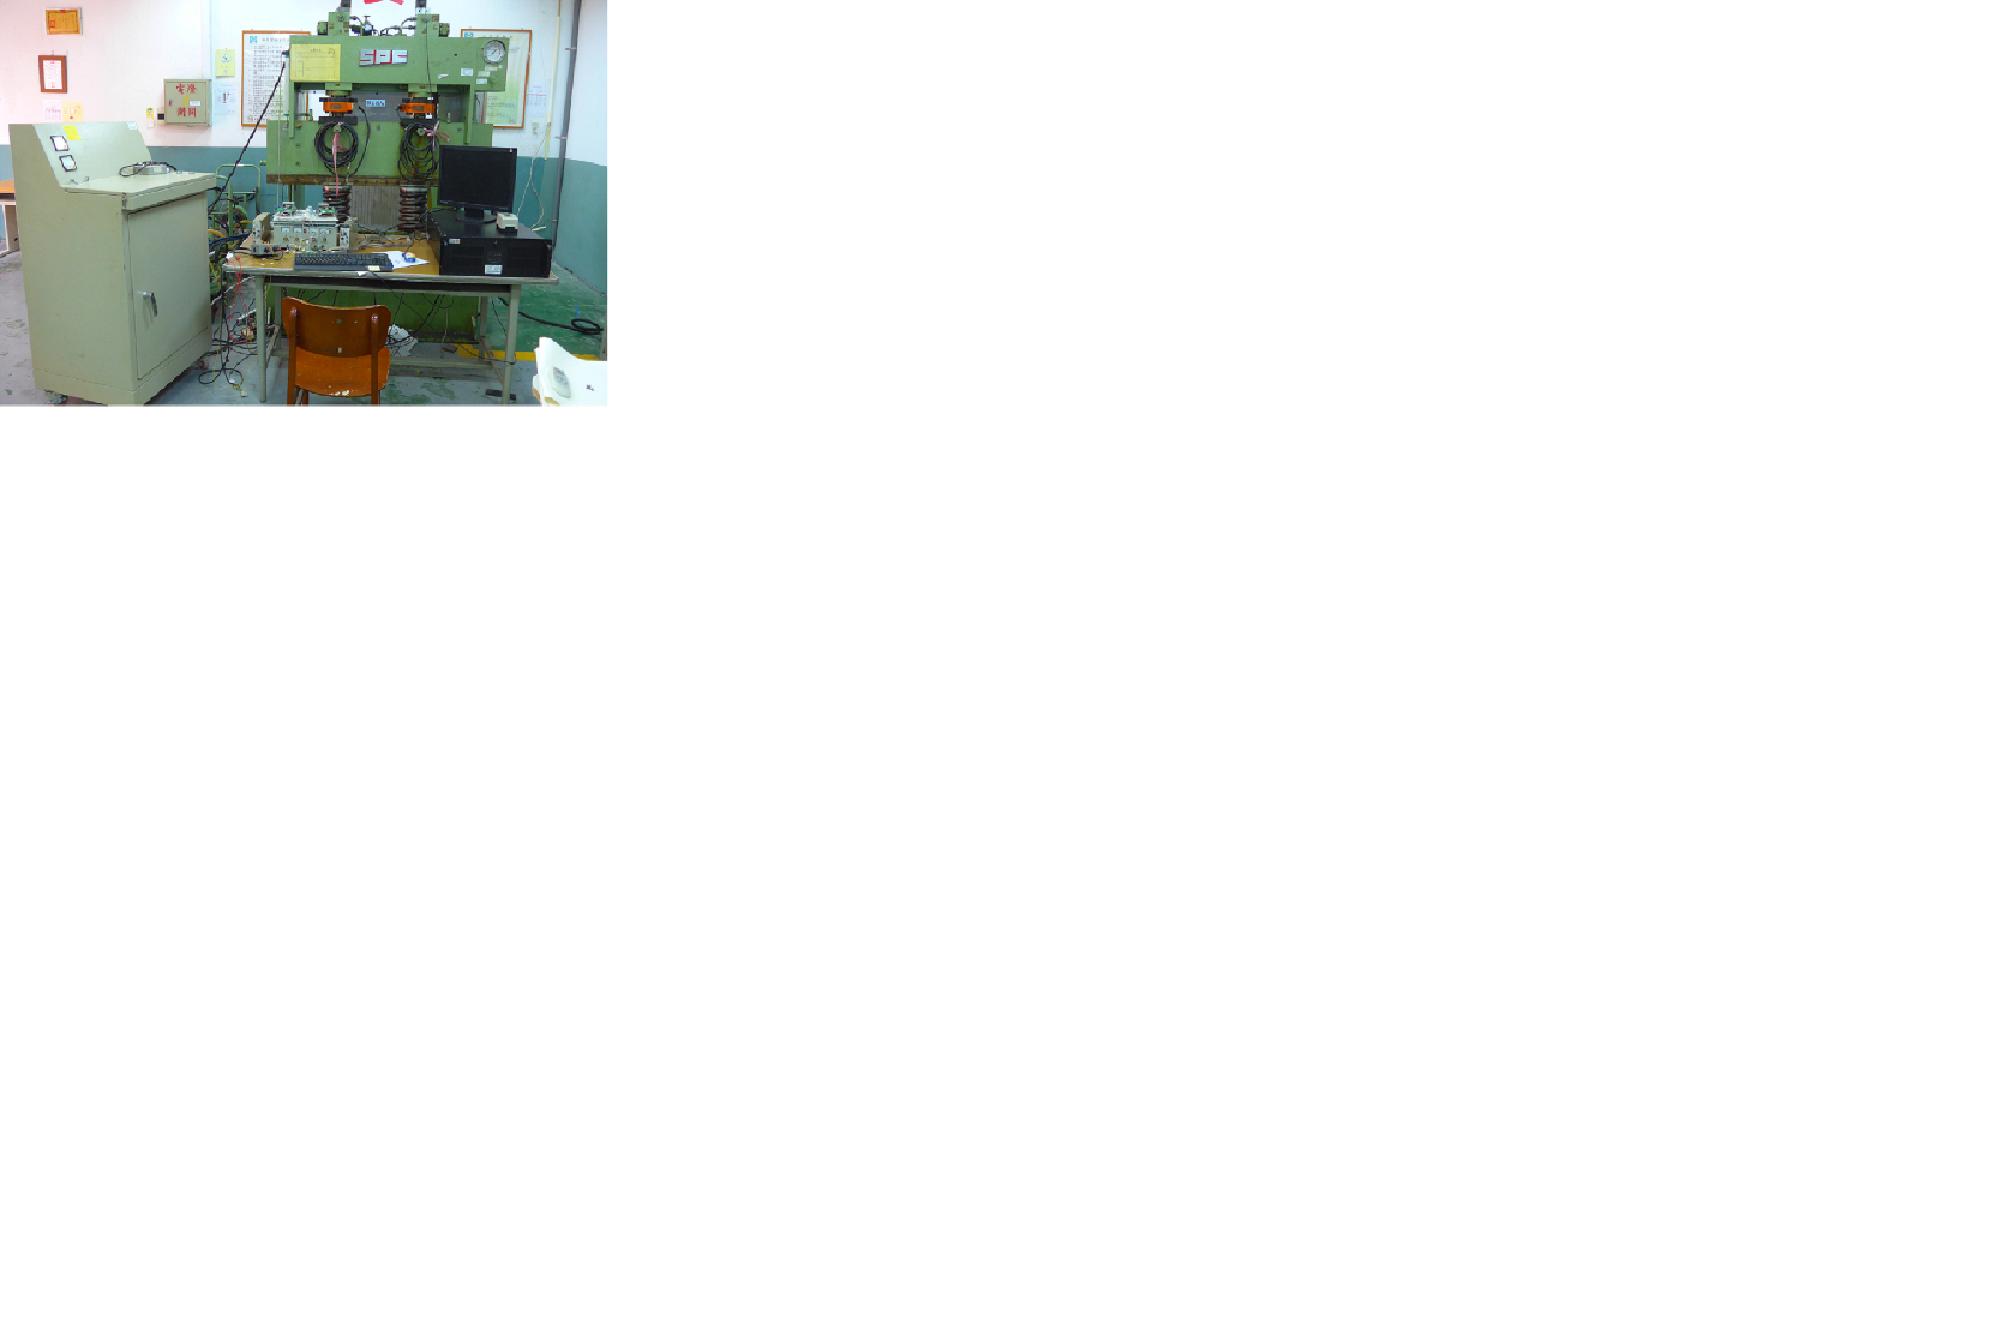 Electro-hydraulic servo control energy saving (pump-controlled) folding machine